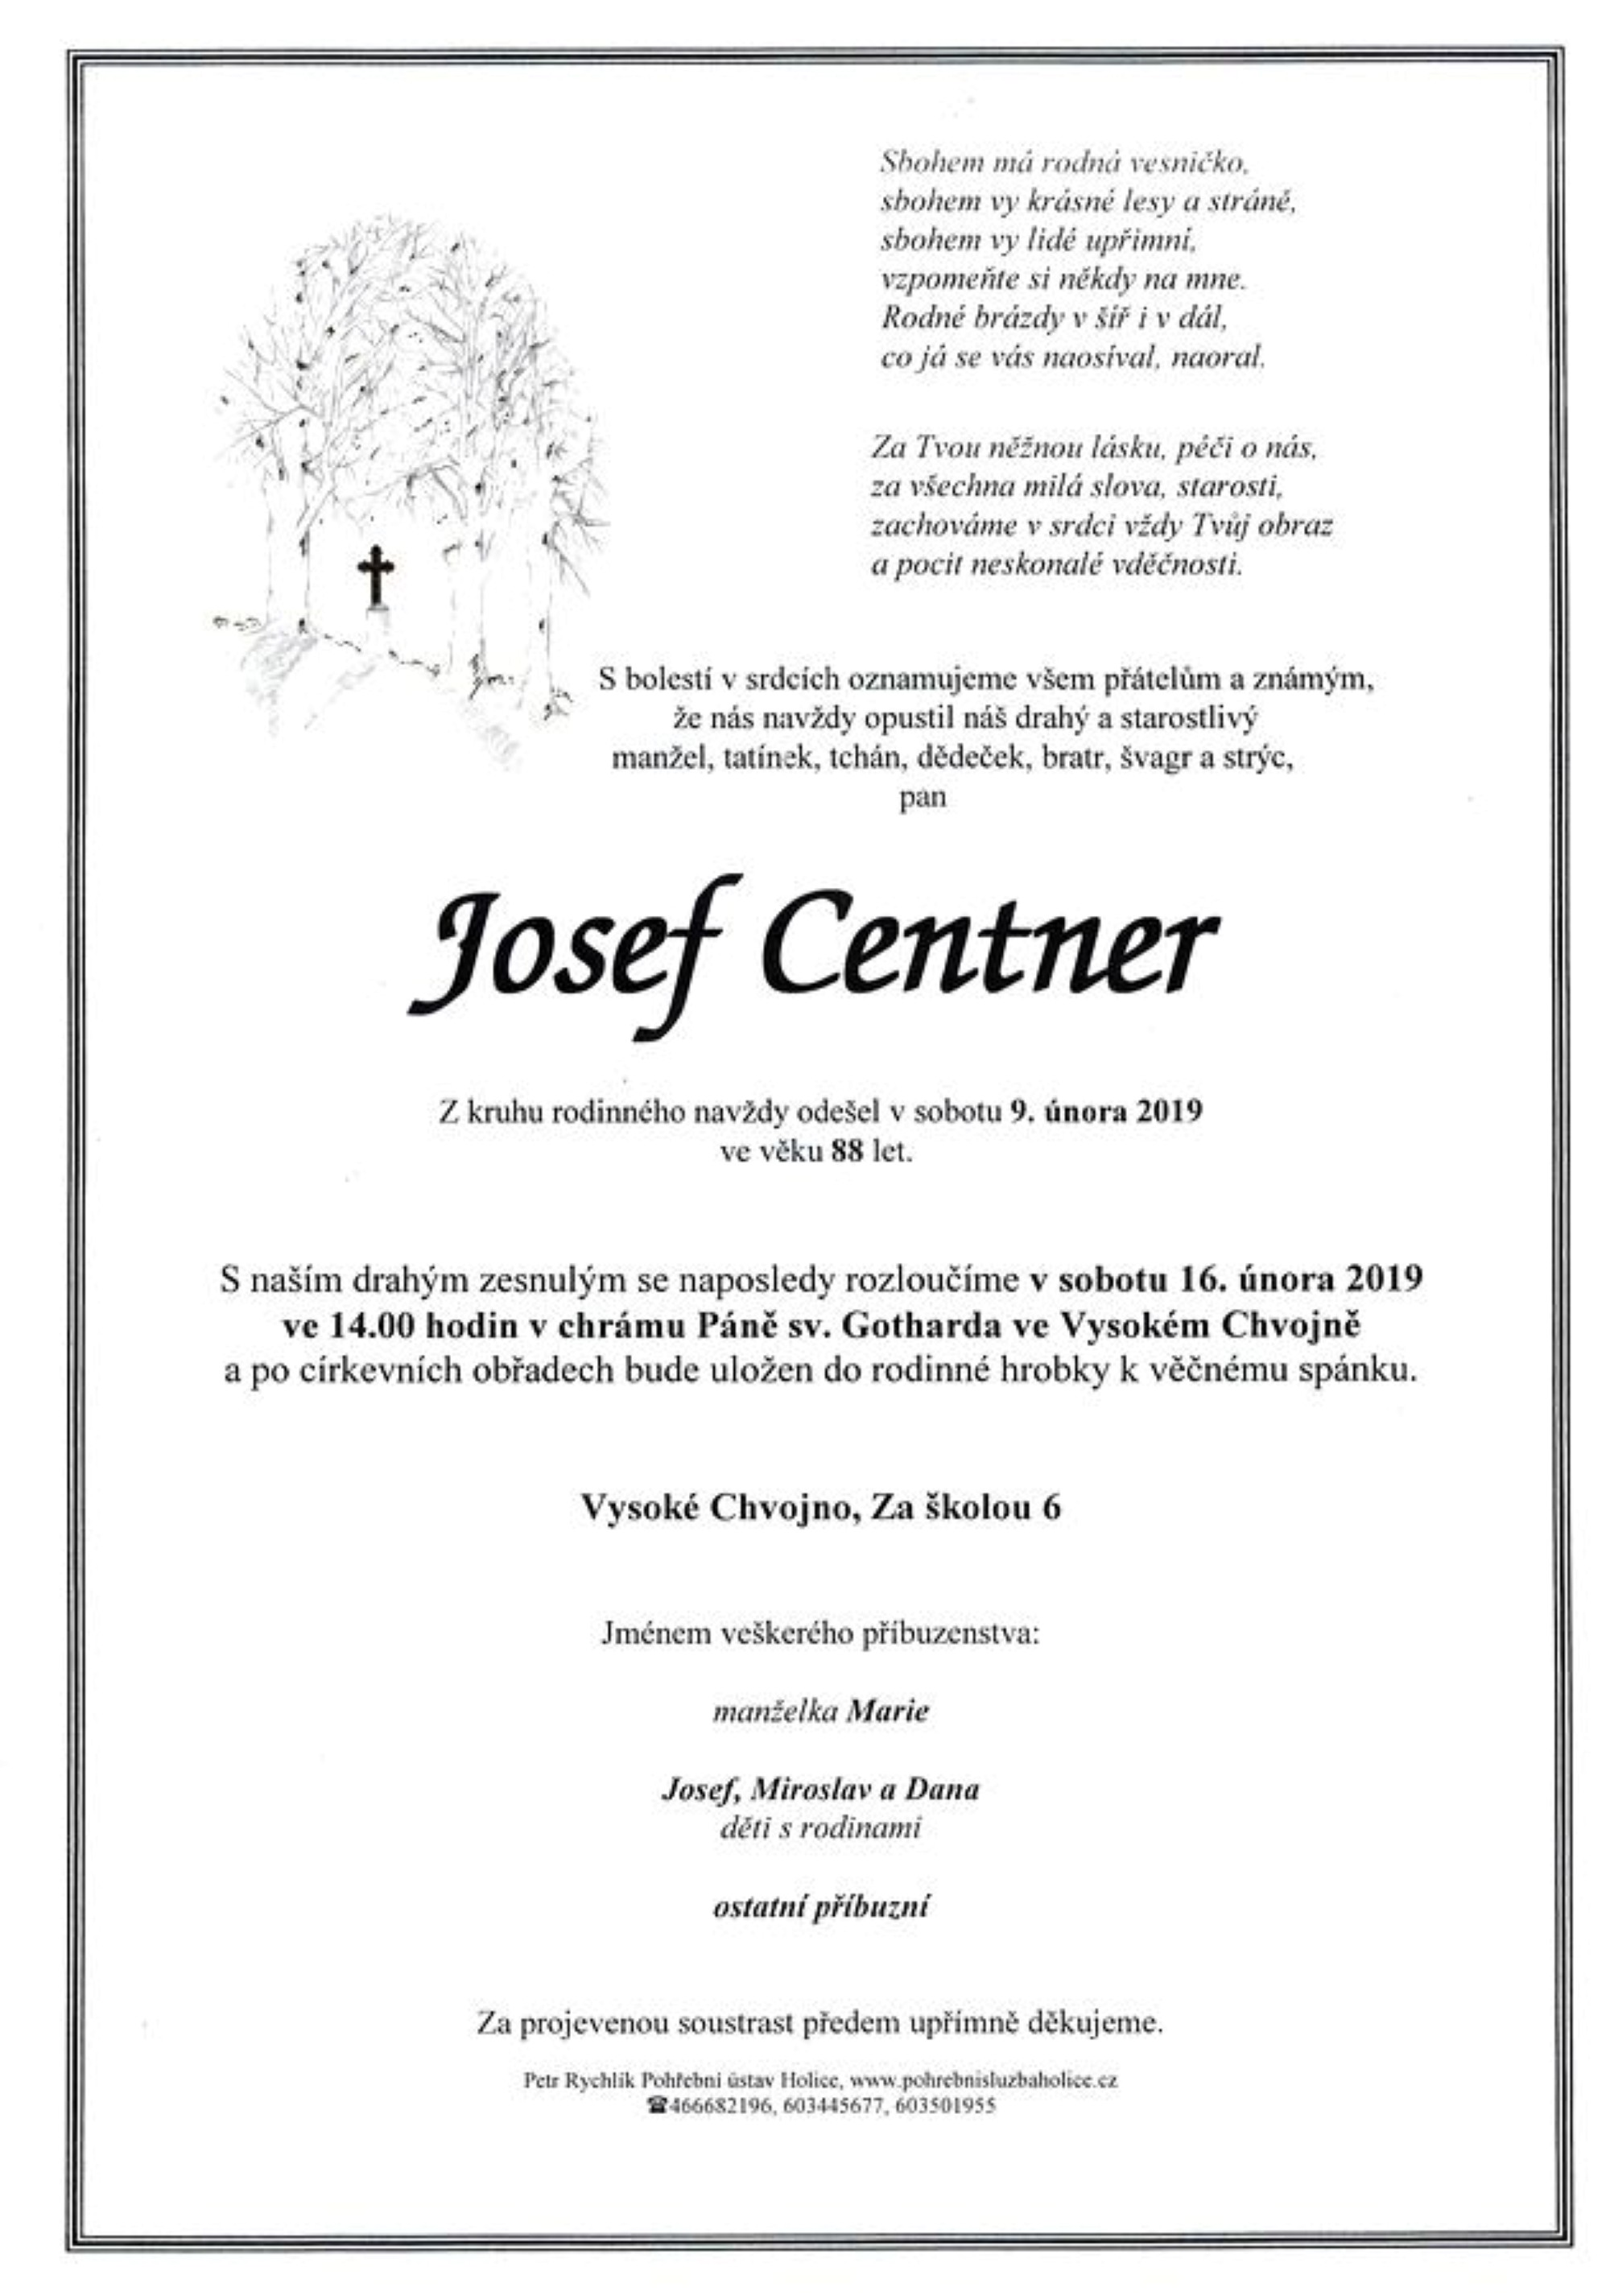 Josef Centner